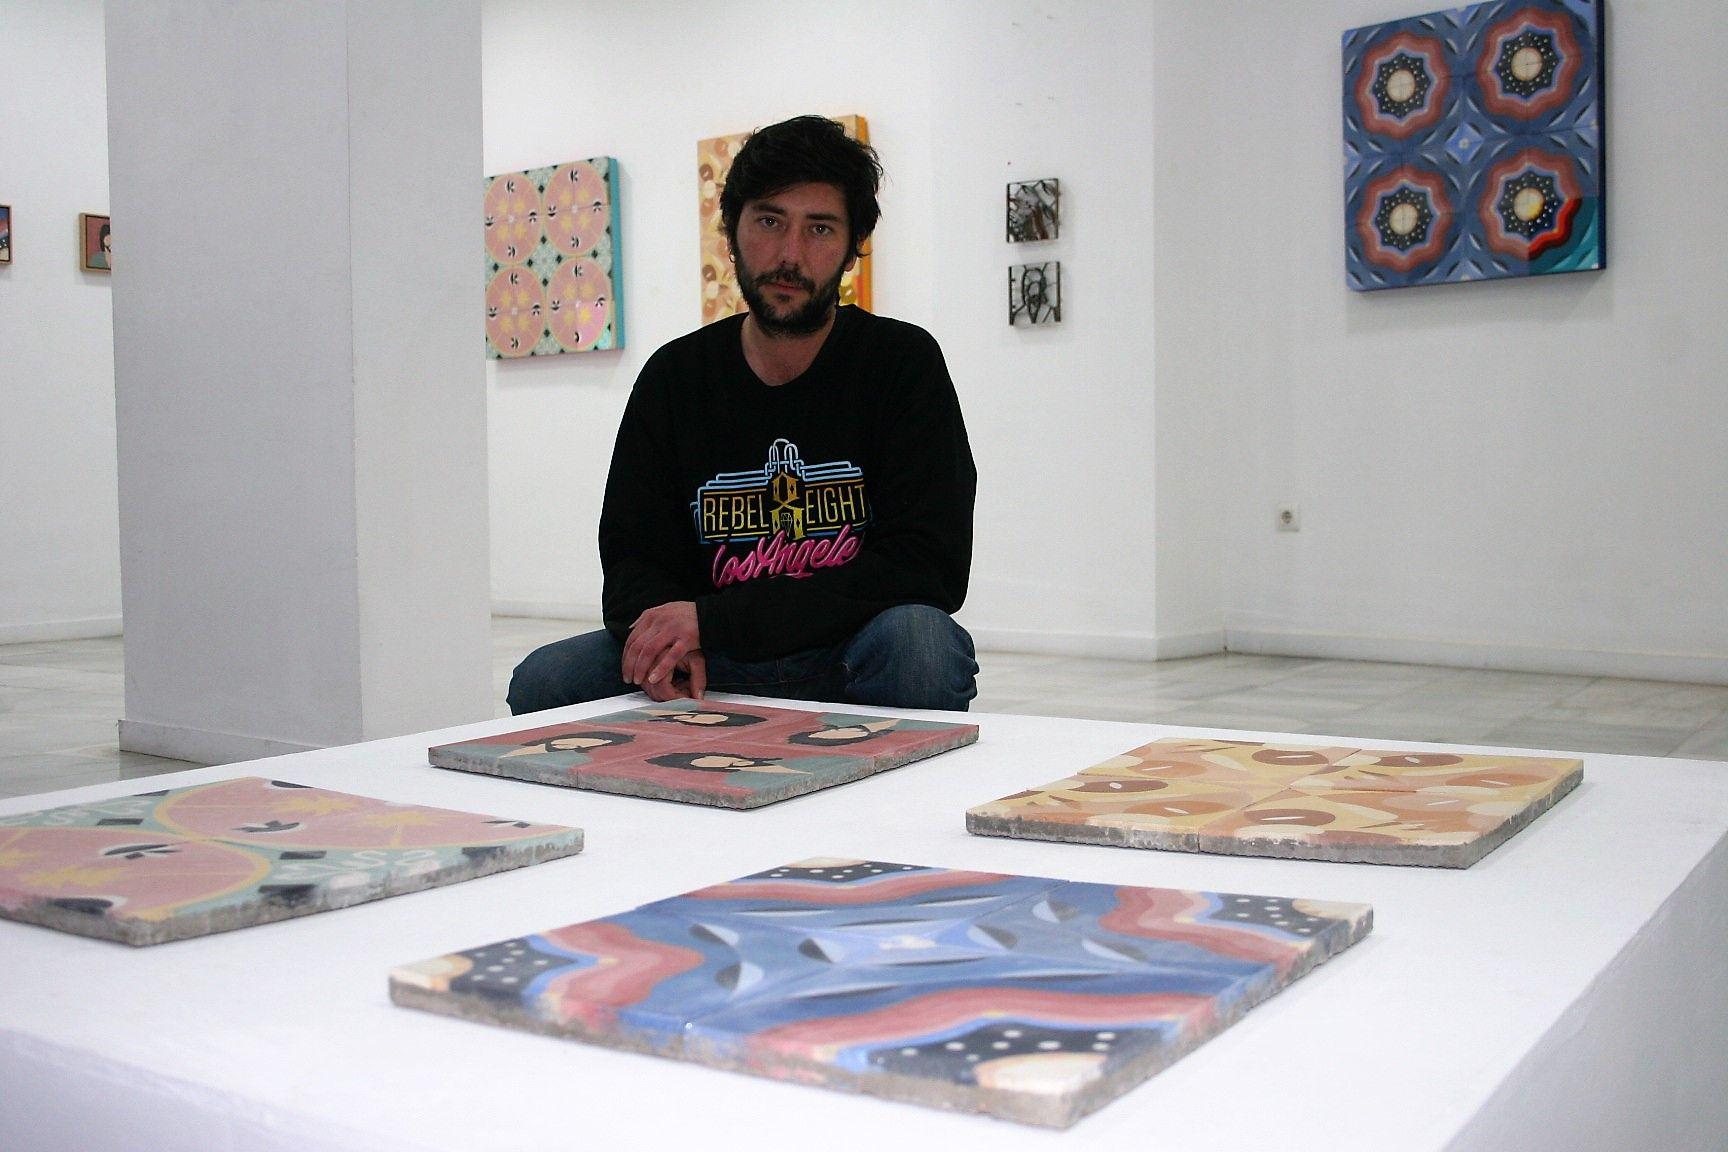 El artista Juan Cruz posa en la galería Diwap